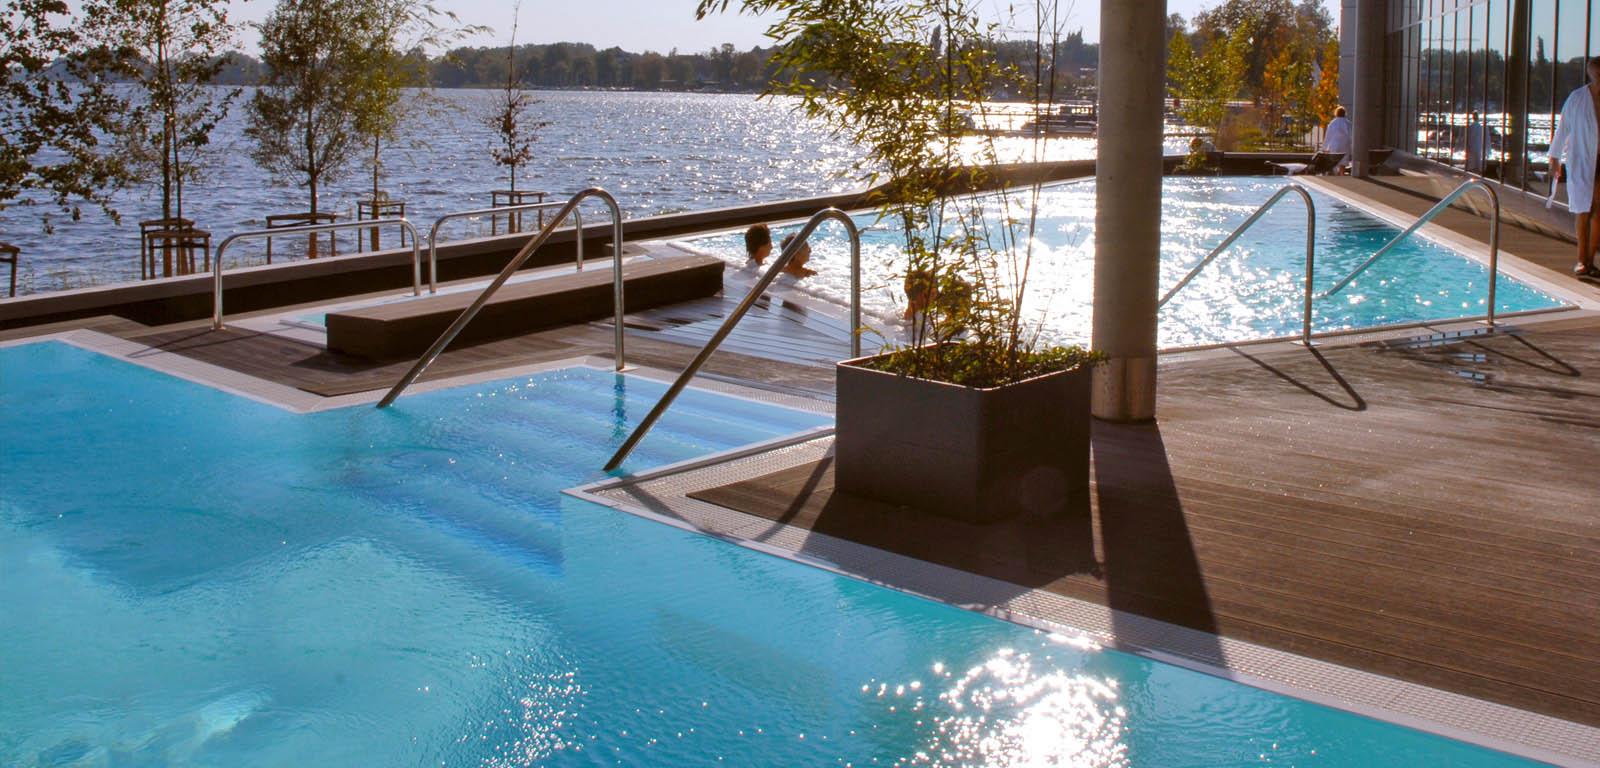 Costruzione piscine interrate rovigo - Giardini con piscina foto ...